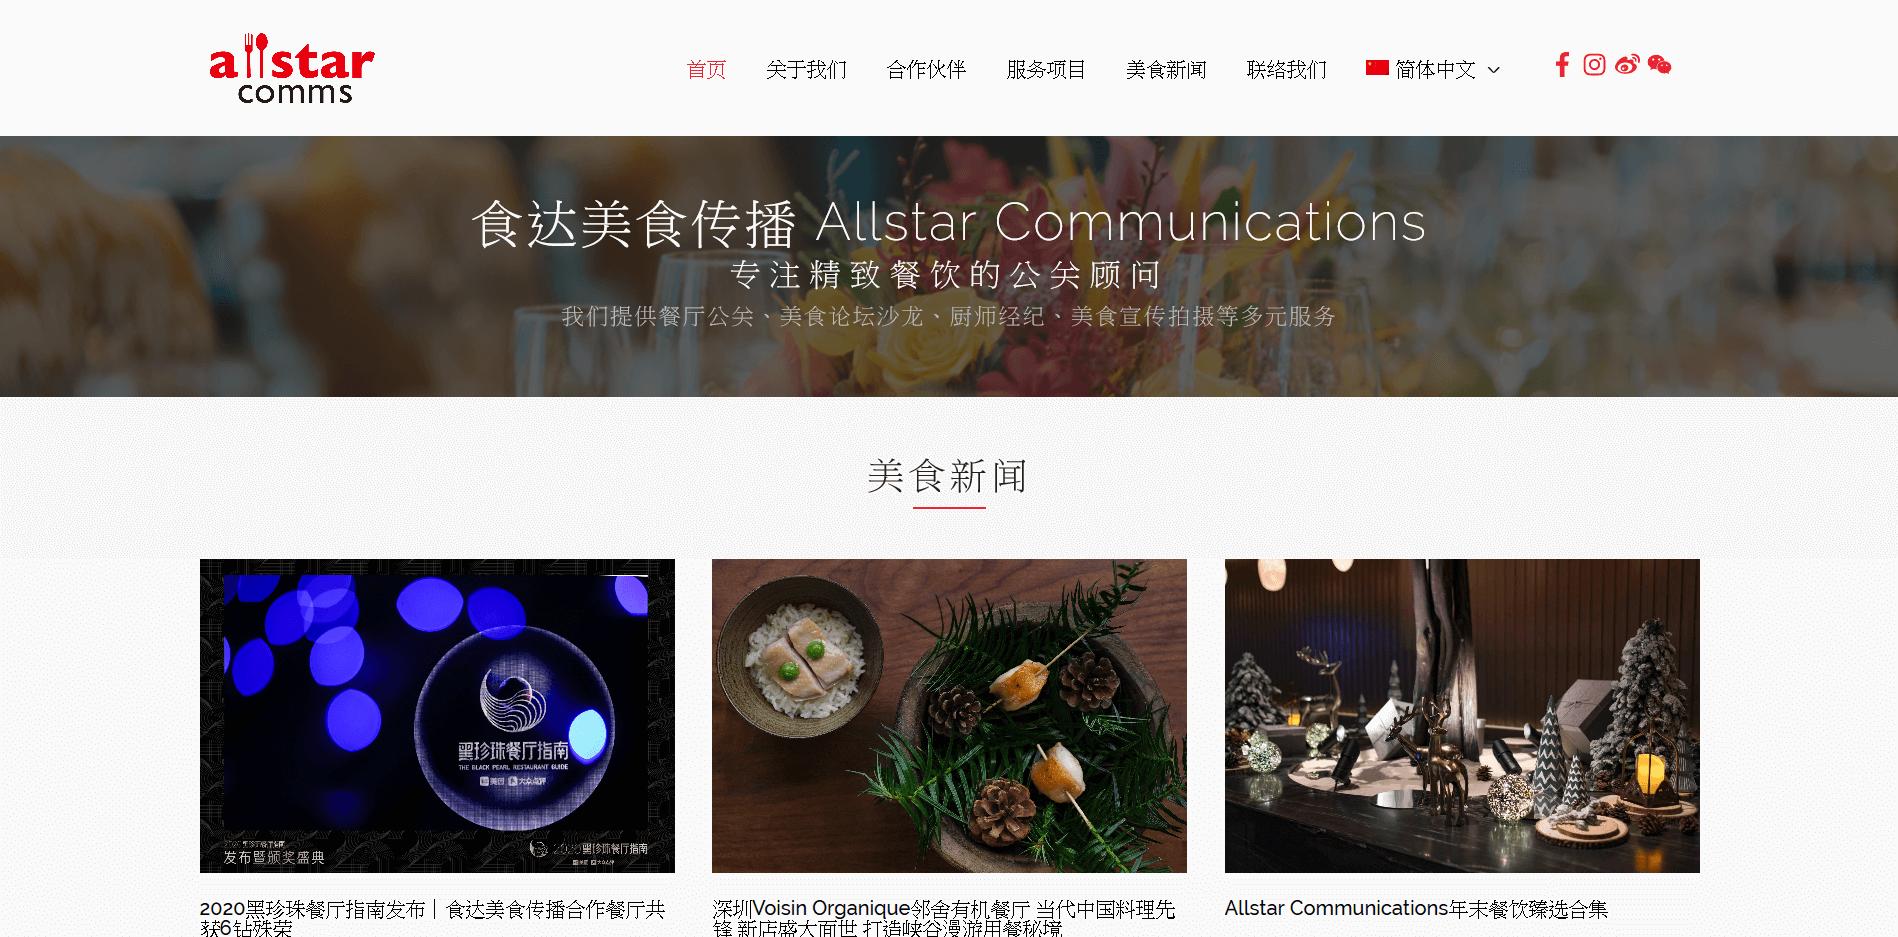 首页 - 食达美食传播 Allstar Communications 专注高端餐饮的公关顾问